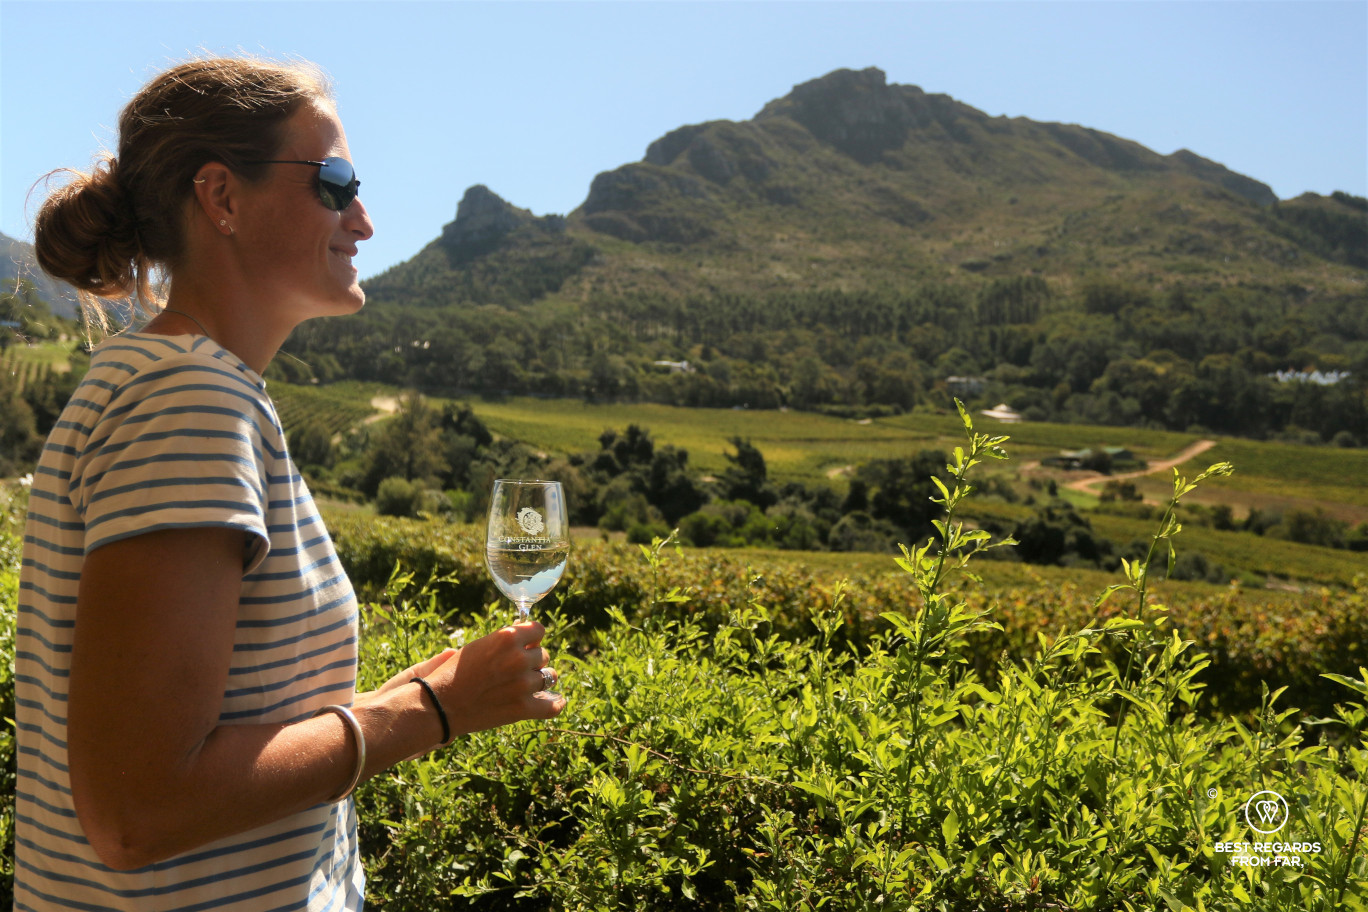 Photographer Marcella van Alphen wine tasting overlooking the Glen Constantia vineyard, Constantia wine route, Cape Town